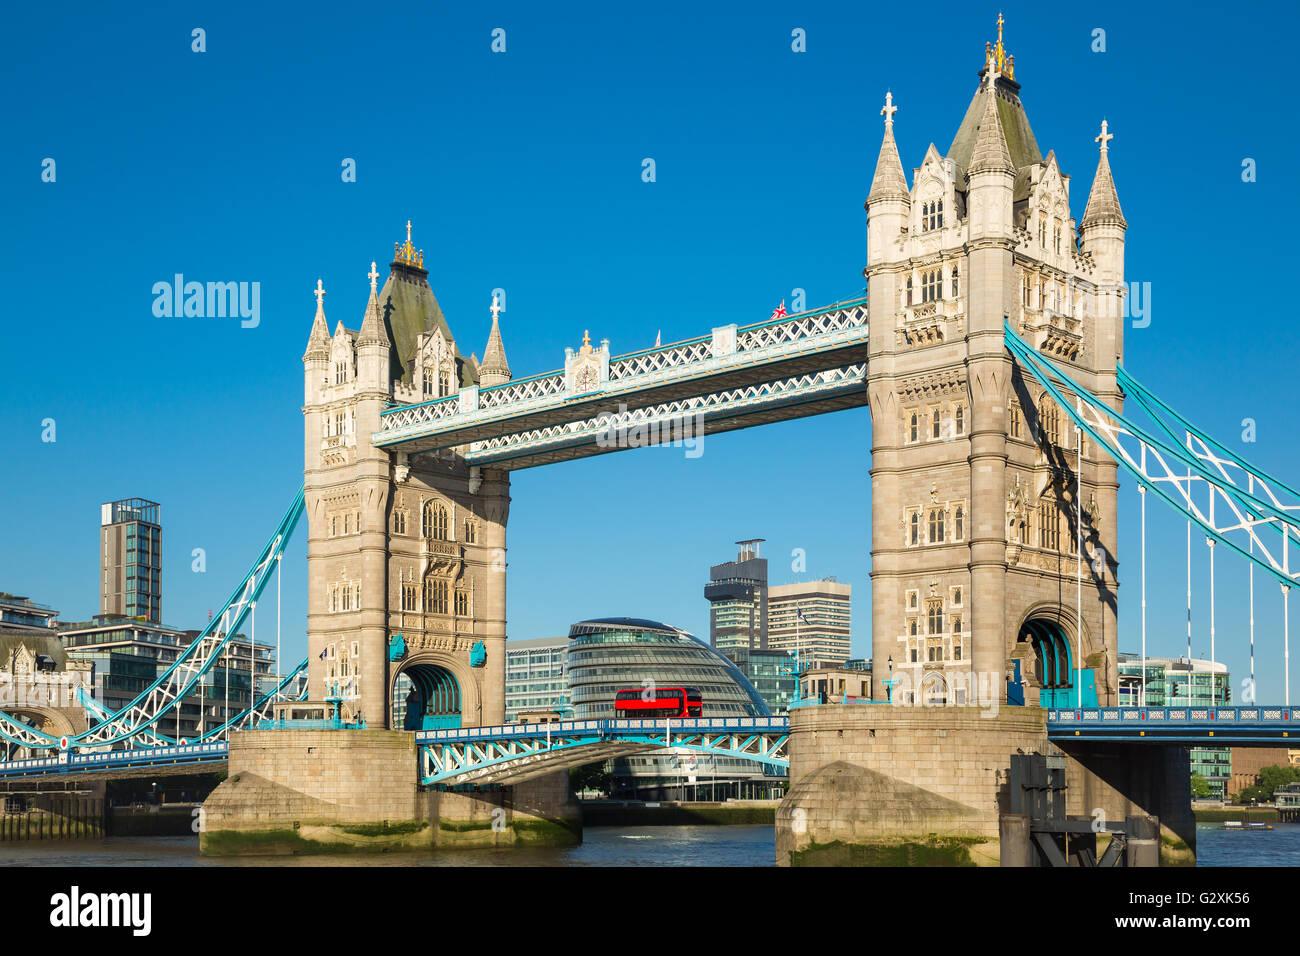 Le Tower Bridge de Londres avec ciel bleu Photo Stock